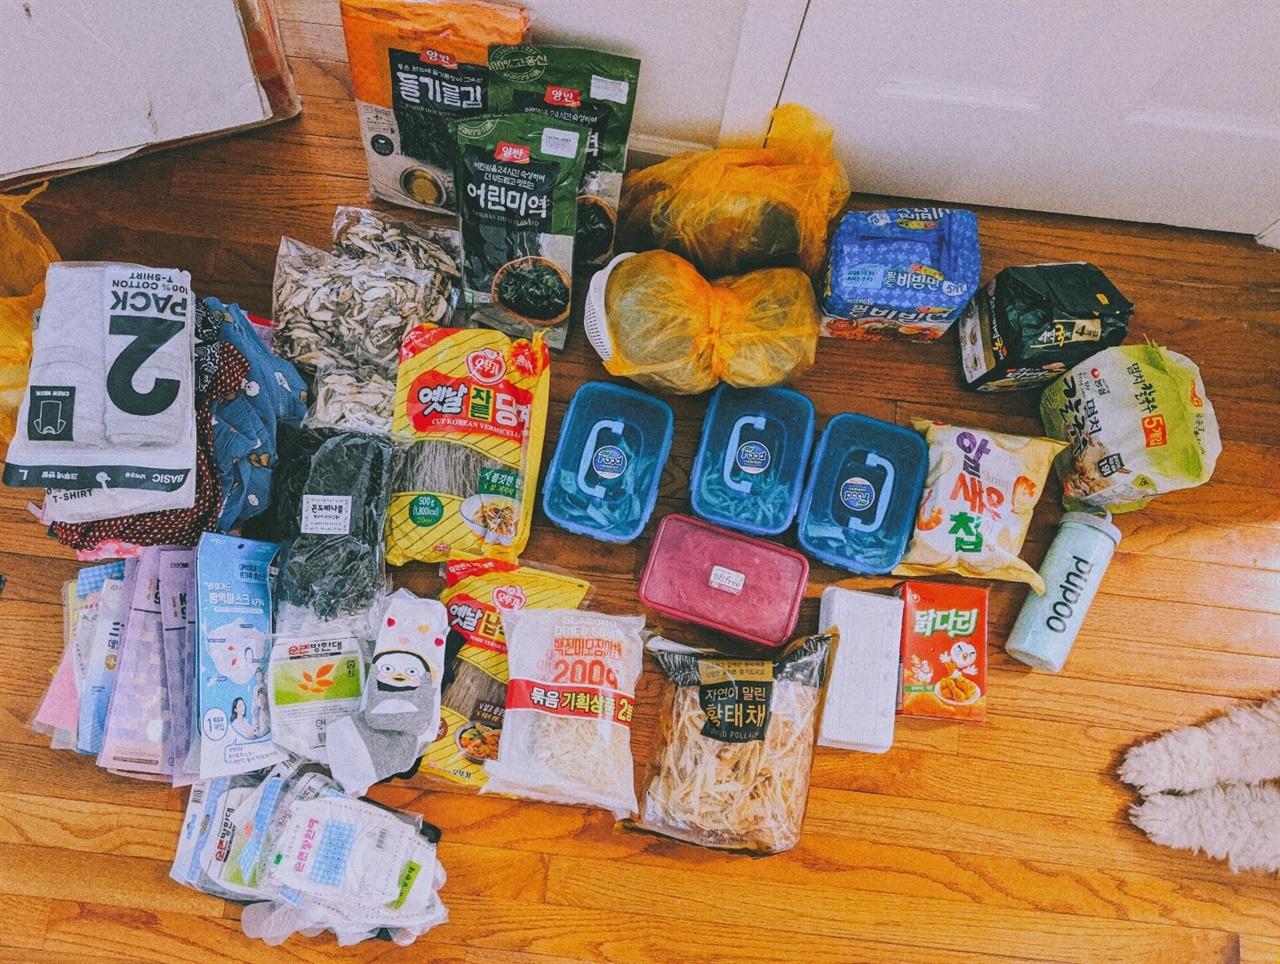 한국에서 도착한 택배 한국에 있는 가족들이 뉴욕으로 공적마스크와 먹을 것 등을 잔뜩 보내주었다.